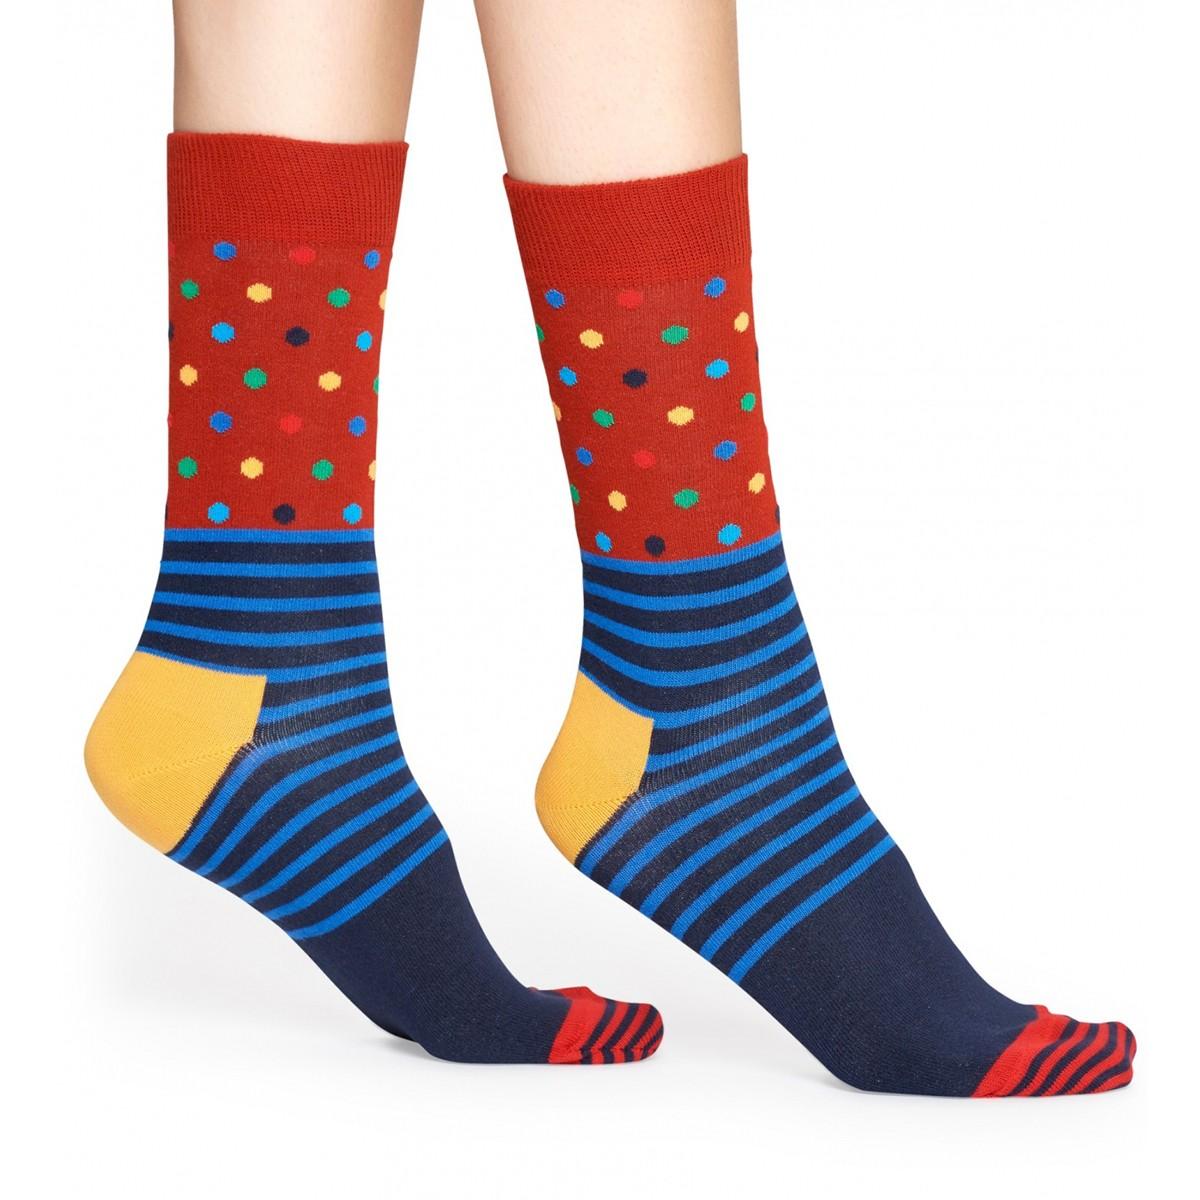 ad37c8b6230 Barevné vzrované ponožky Stripe Dot – 41 - 46